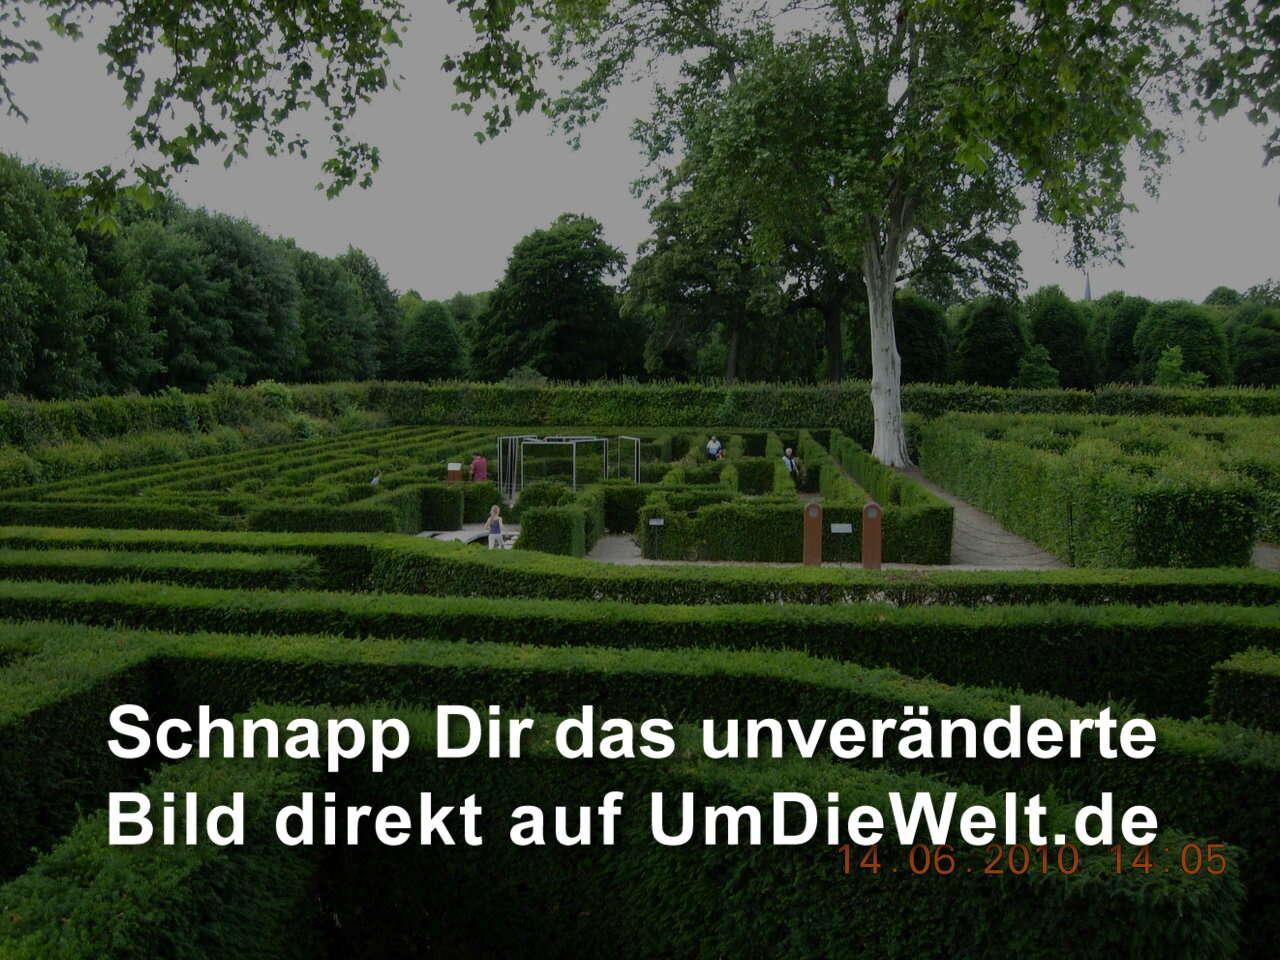 Sterreich reisebericht schloss sch nbrunn - Irrgarten deutschland ...